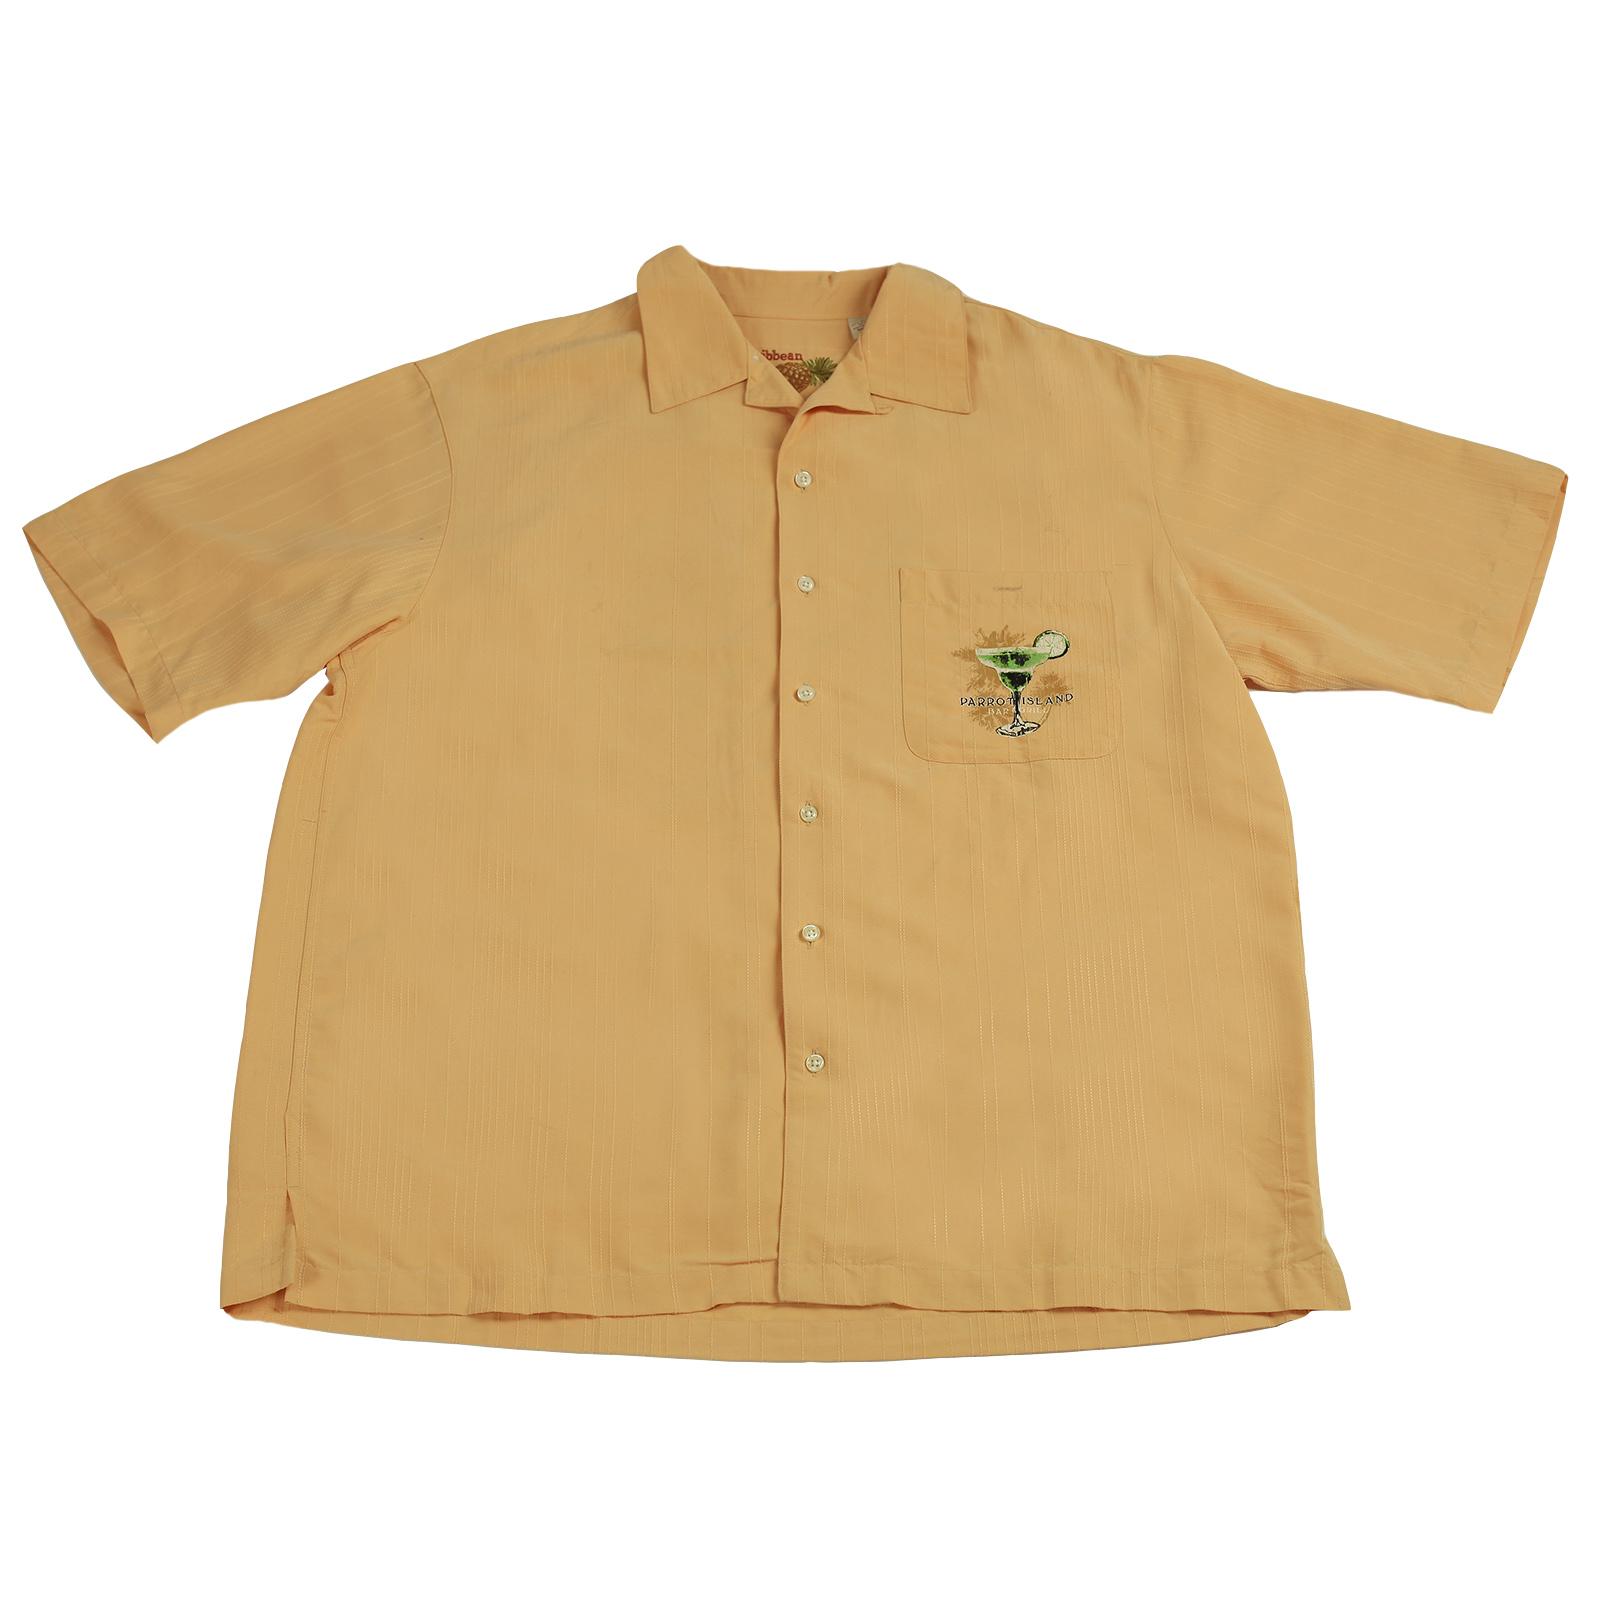 Светлая рубашка Caribbean. Комфортная модель, приятный материал